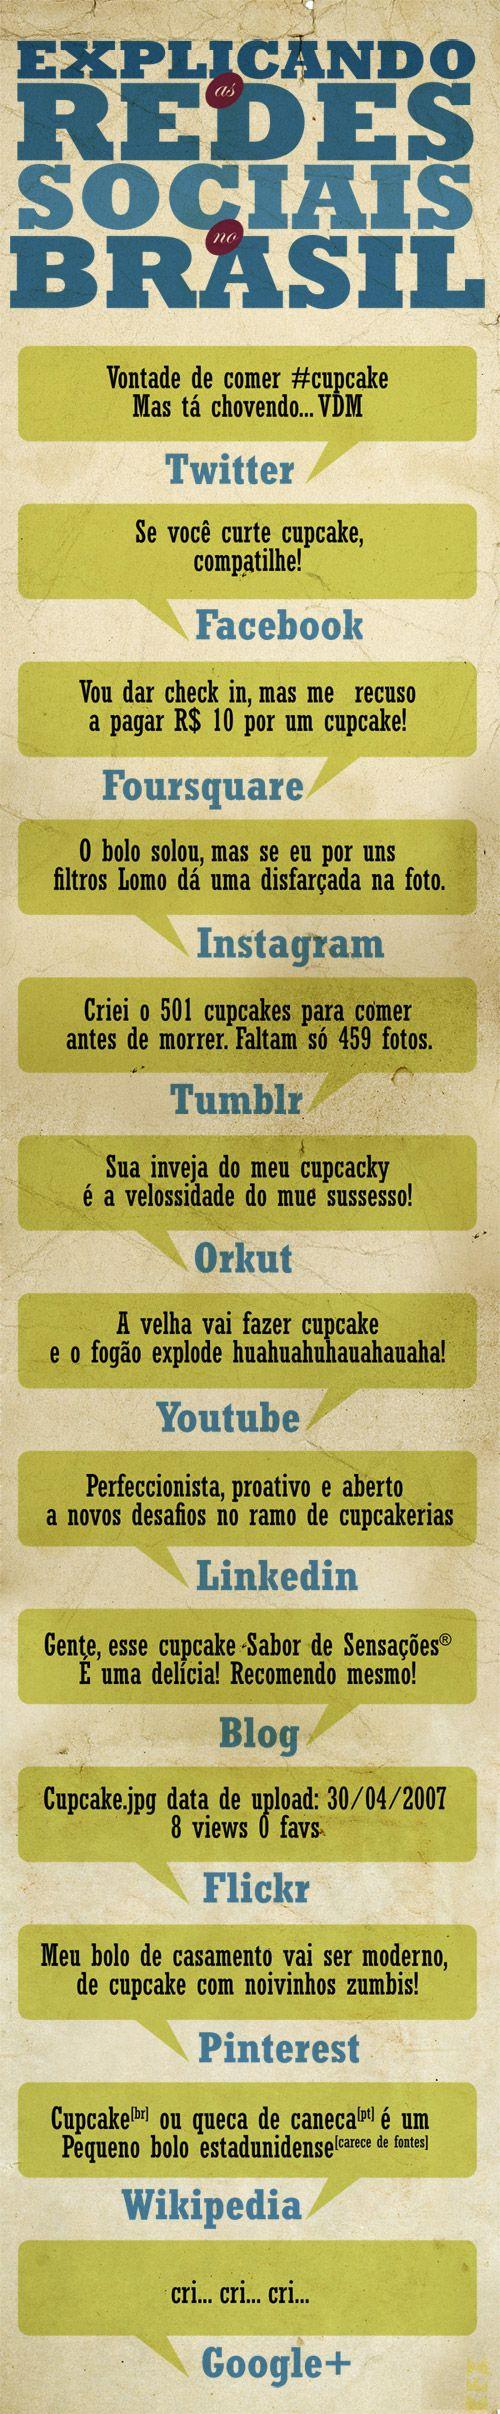 Explicando as Redes Sociais no Brasil [infografico] #fun